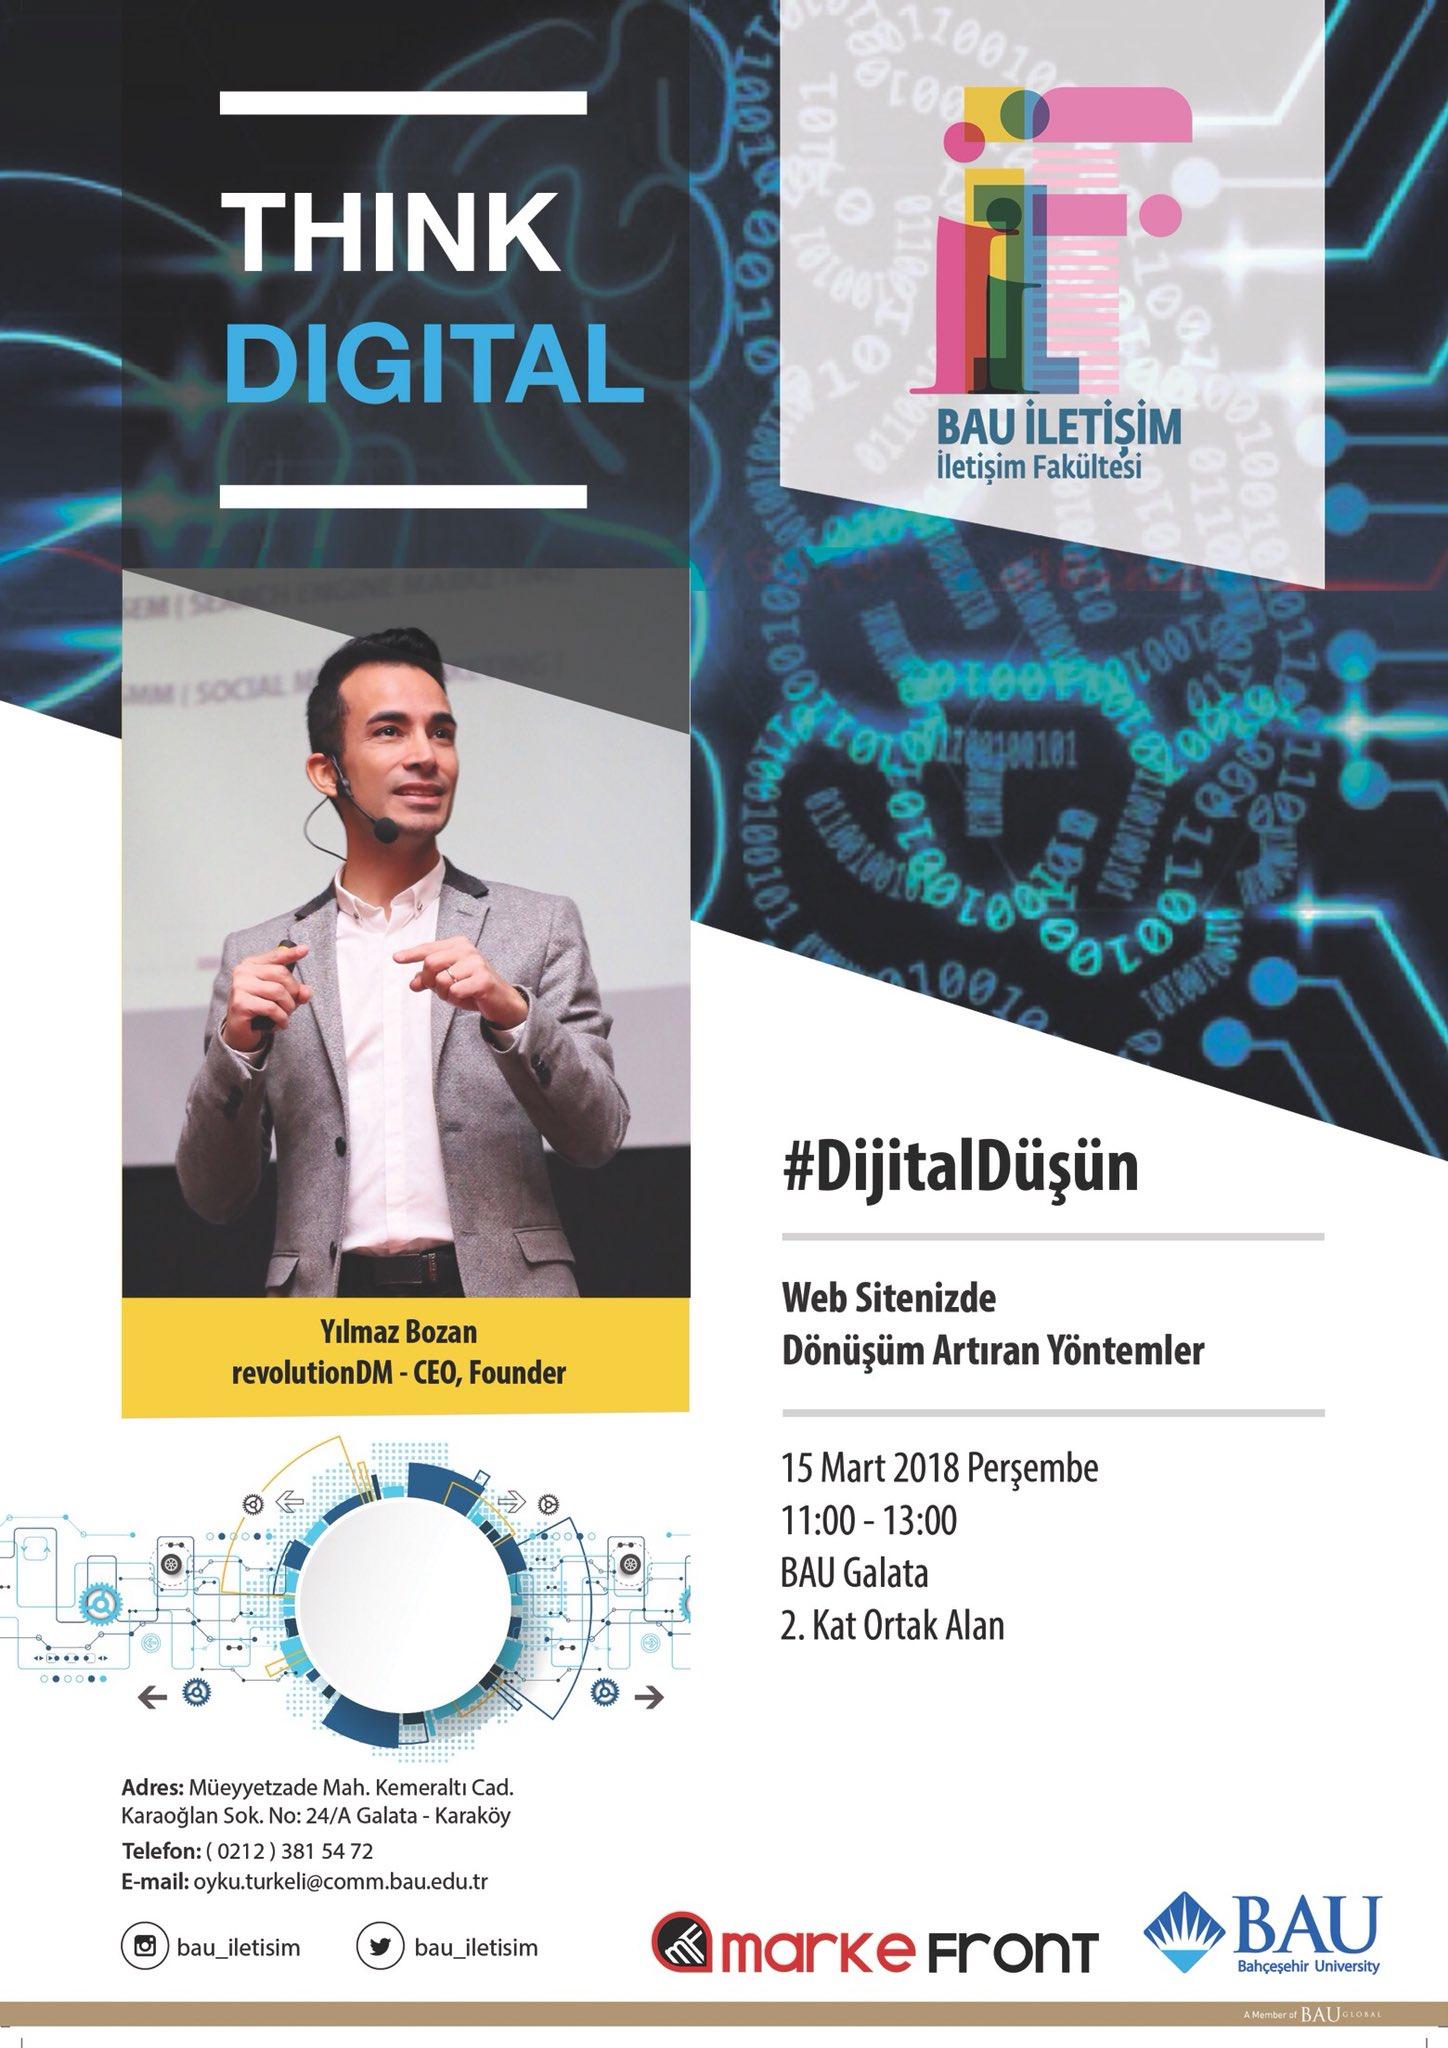 Think Digital / Dijital Düşün Seminerleri Yılmaz Bozan ile Başlıyor